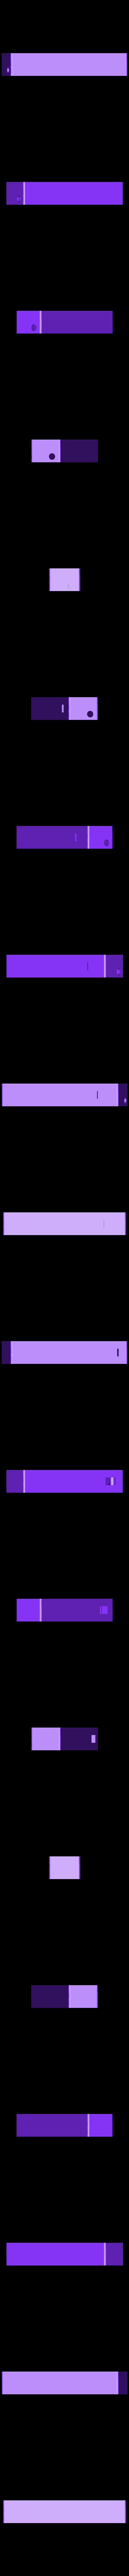 Box.stl Télécharger fichier OBJ gratuit Enregistrement de la lumière • Plan à imprimer en 3D, matheuservilha